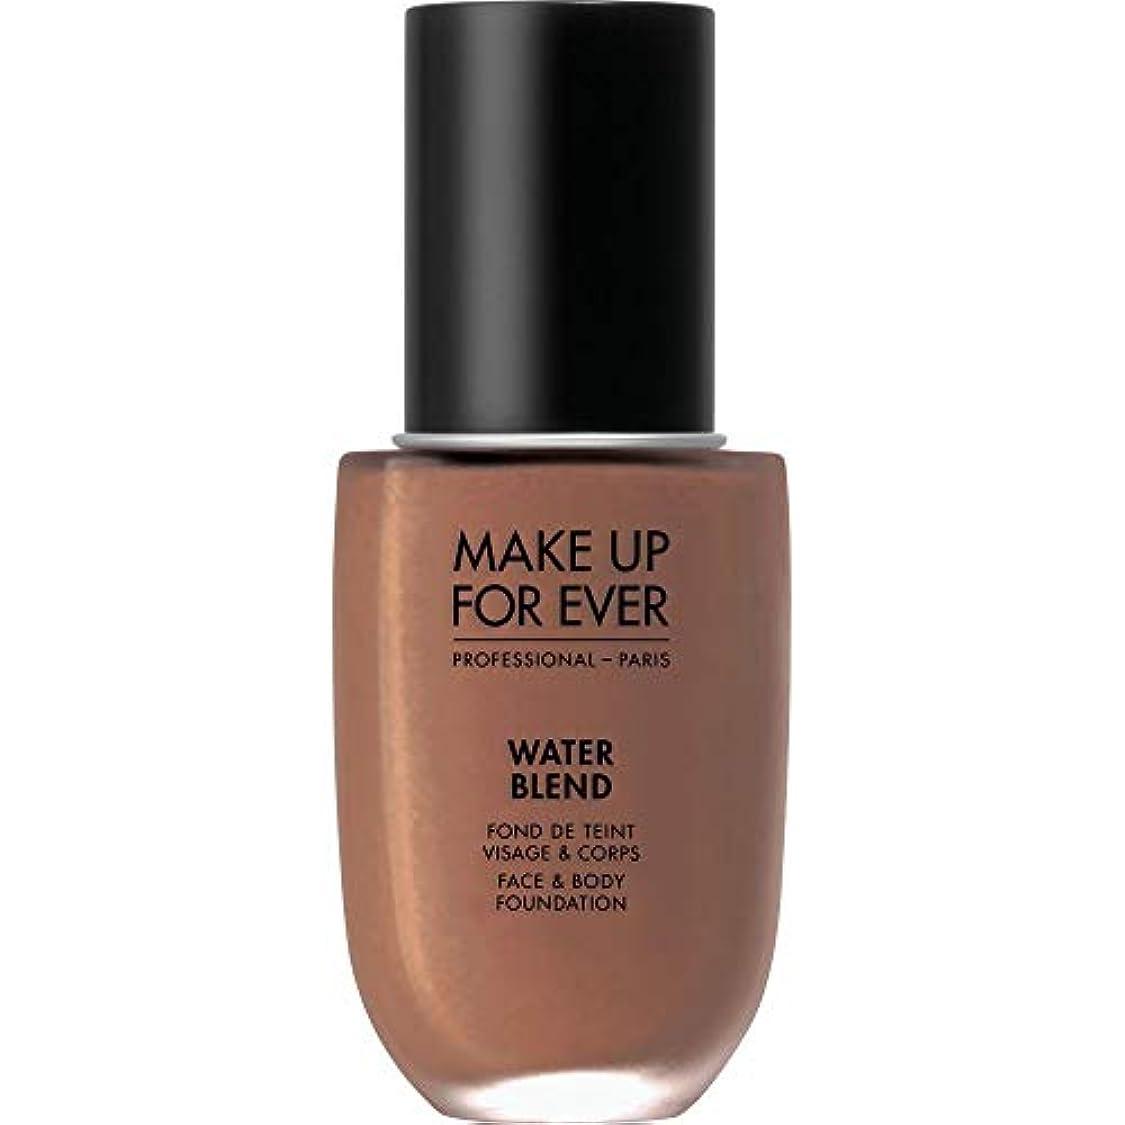 増幅じゃがいも漏れ[MAKE UP FOR EVER ] これまでの水のブレンドを補う - フェイス&ボディ基礎50MlのR520 - シナモンを - MAKE UP FOR EVER Water Blend - Face & Body...